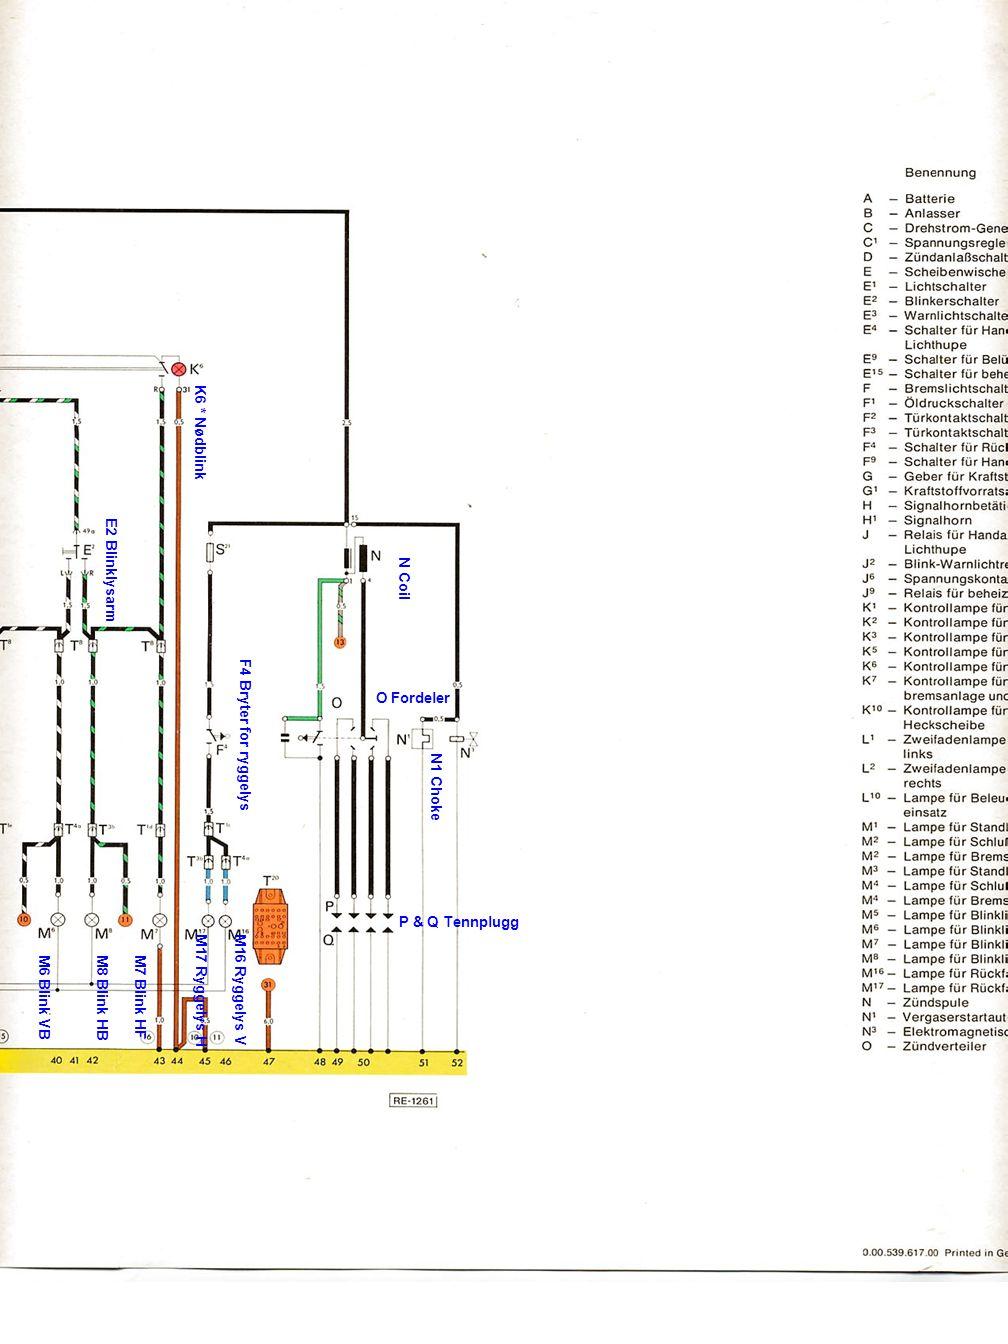 E2 Blinklysarm M6 Blink VBM8 Blink HBM7 Blink HF M17 Ryggelys H K6 * Nødblink F4 Bryter for ryggelys M16 Ryggelys V N1 Choke N Coil P & Q Tennplugg O